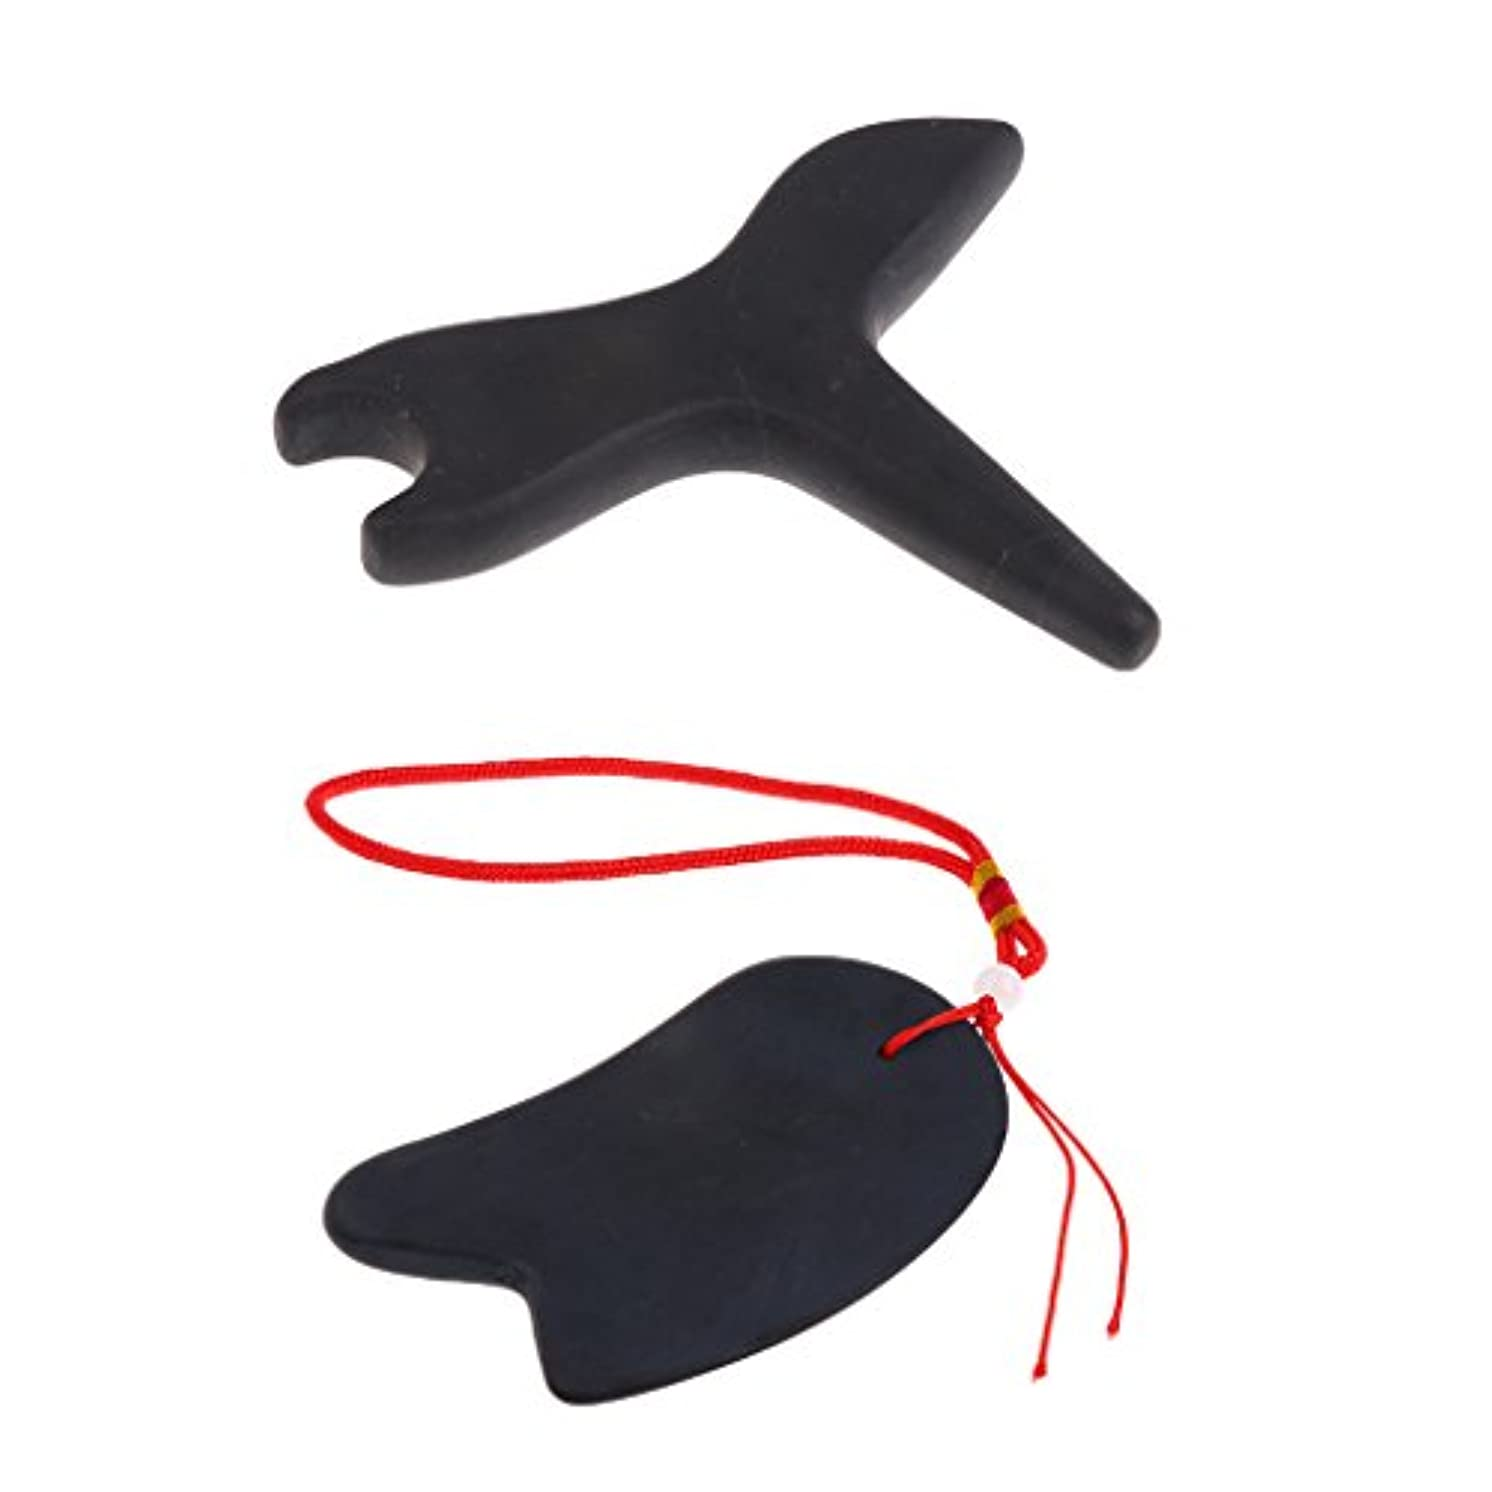 場所パンダシプリーマッサージボード グアシャボード 掻きツール 天然石 トリガーポイント 伝統的 マッサージツール 2個